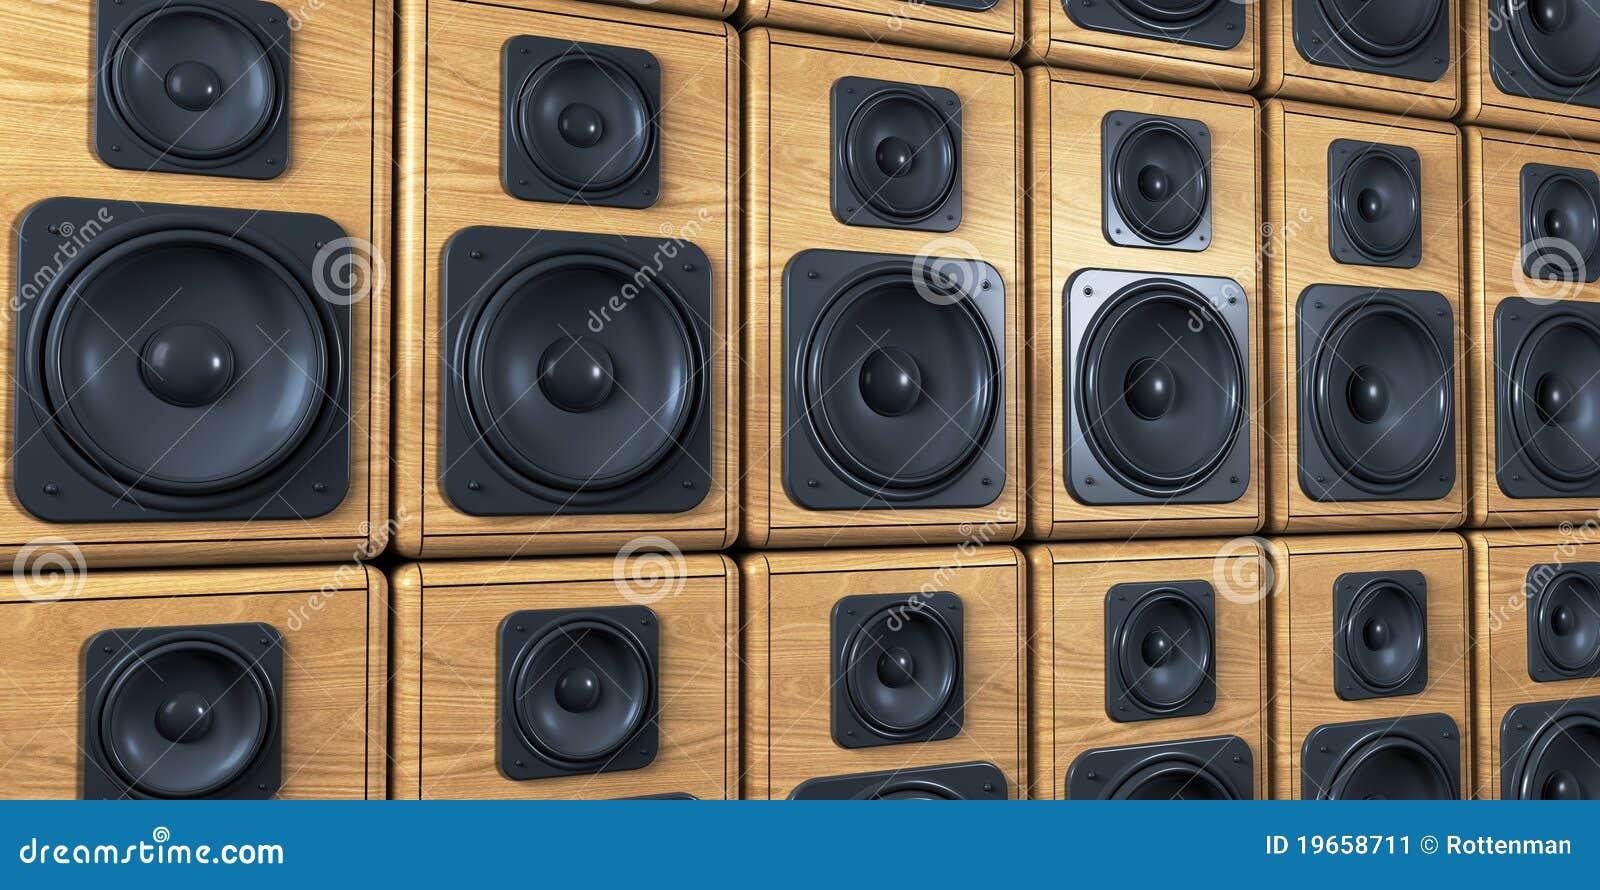 wall speakers: